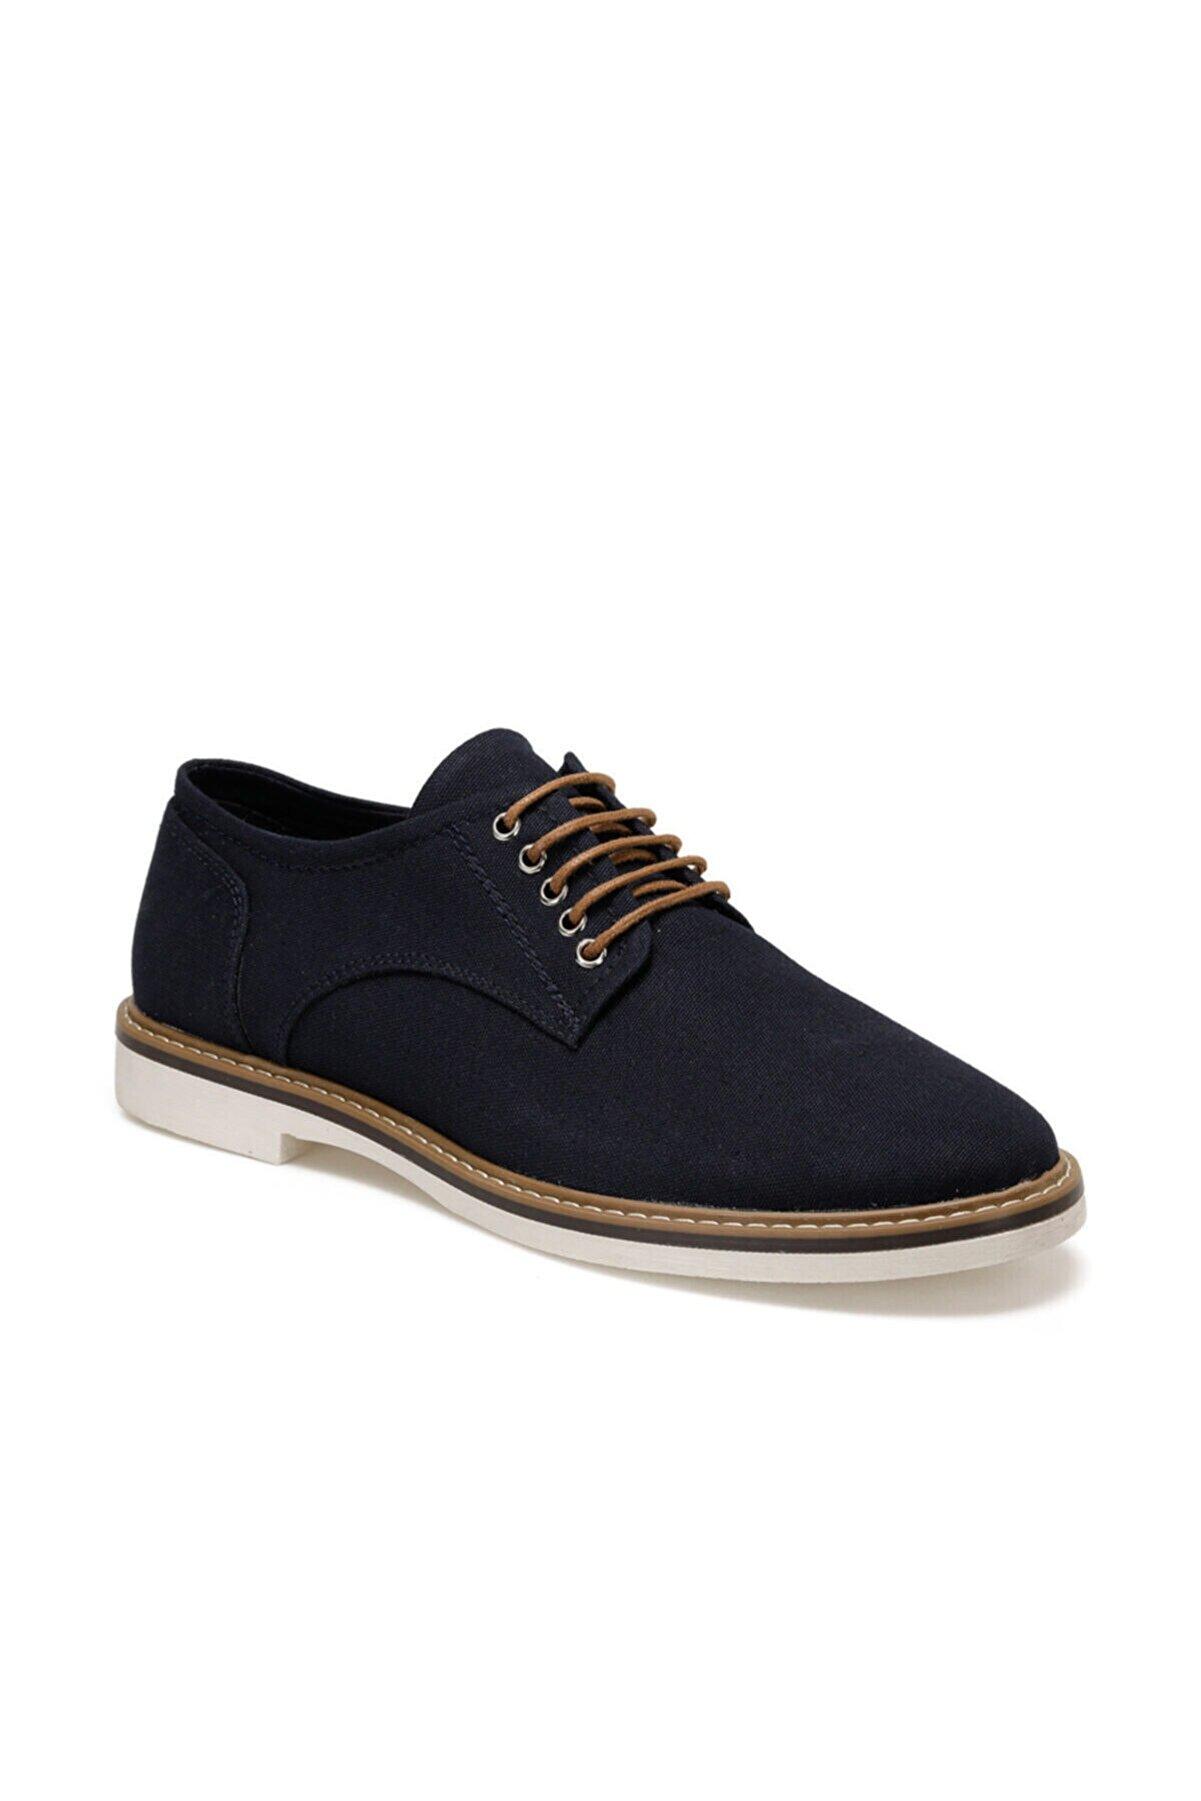 JJ-STILLER 5661 Lacivert Erkek Klasik Ayakkabı 100518070